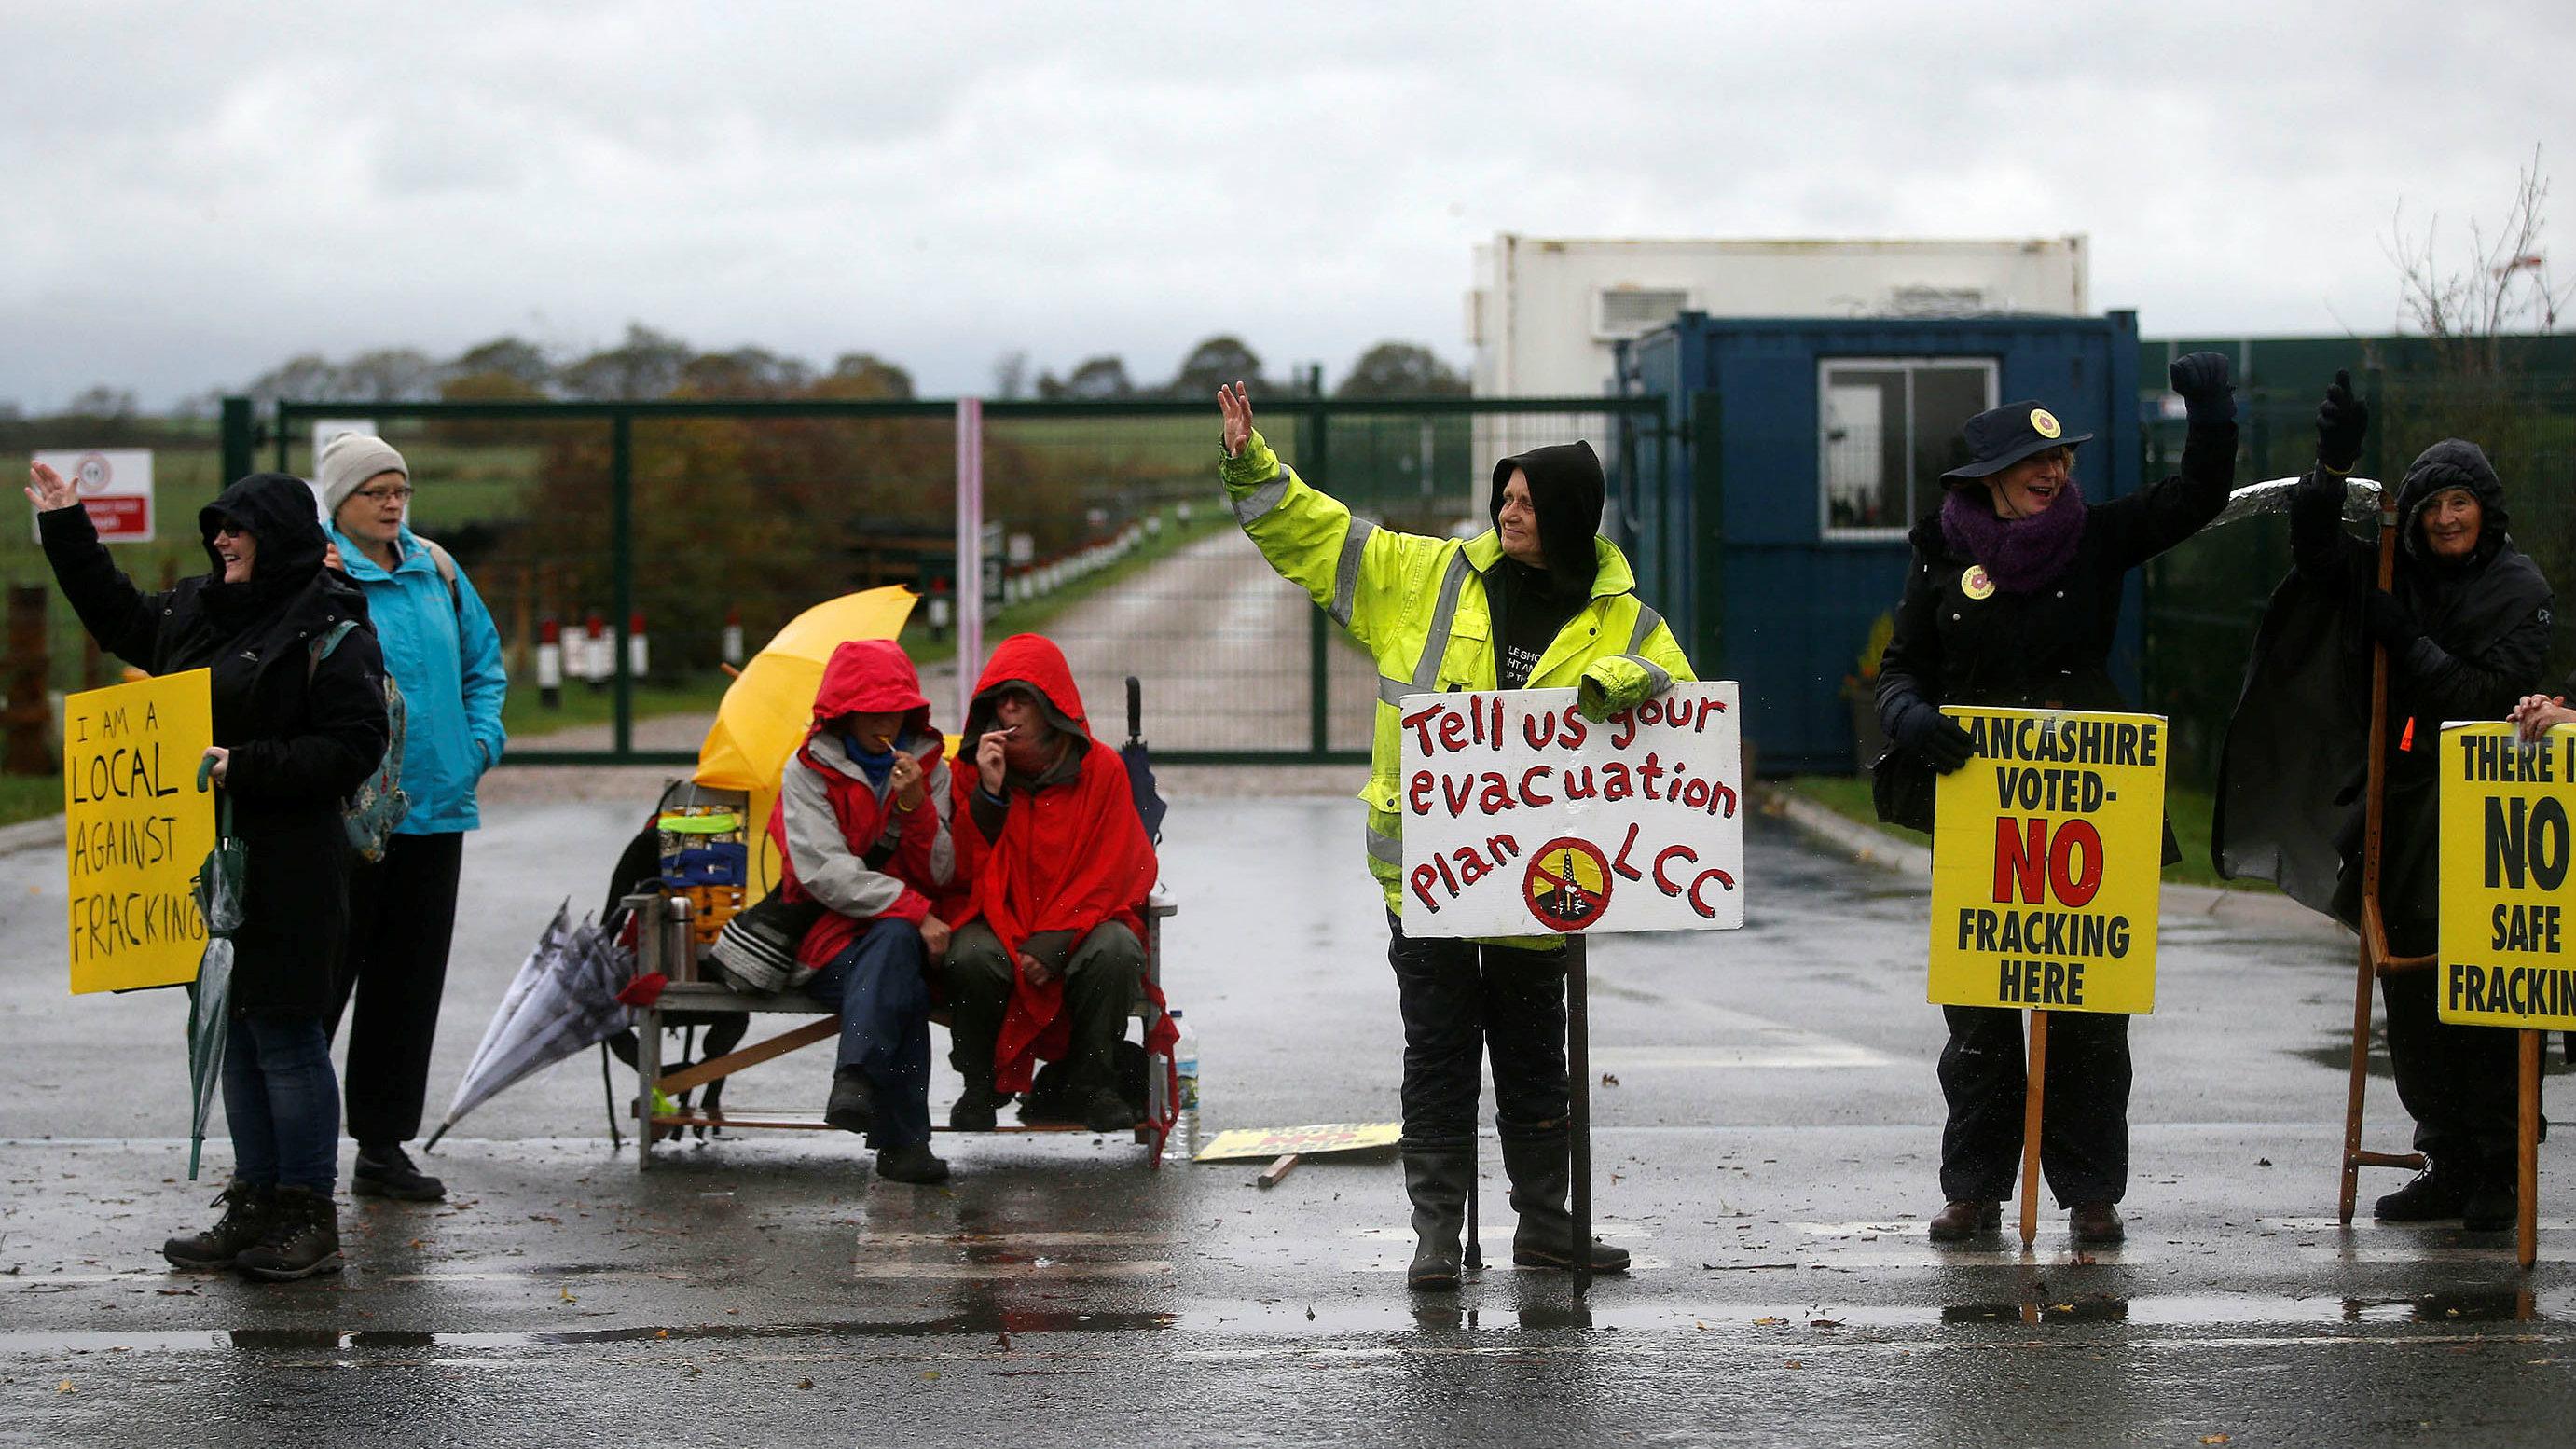 Protesters stand outside Cuadrilla's Preston New Road fracking site near Blackpool, Britain